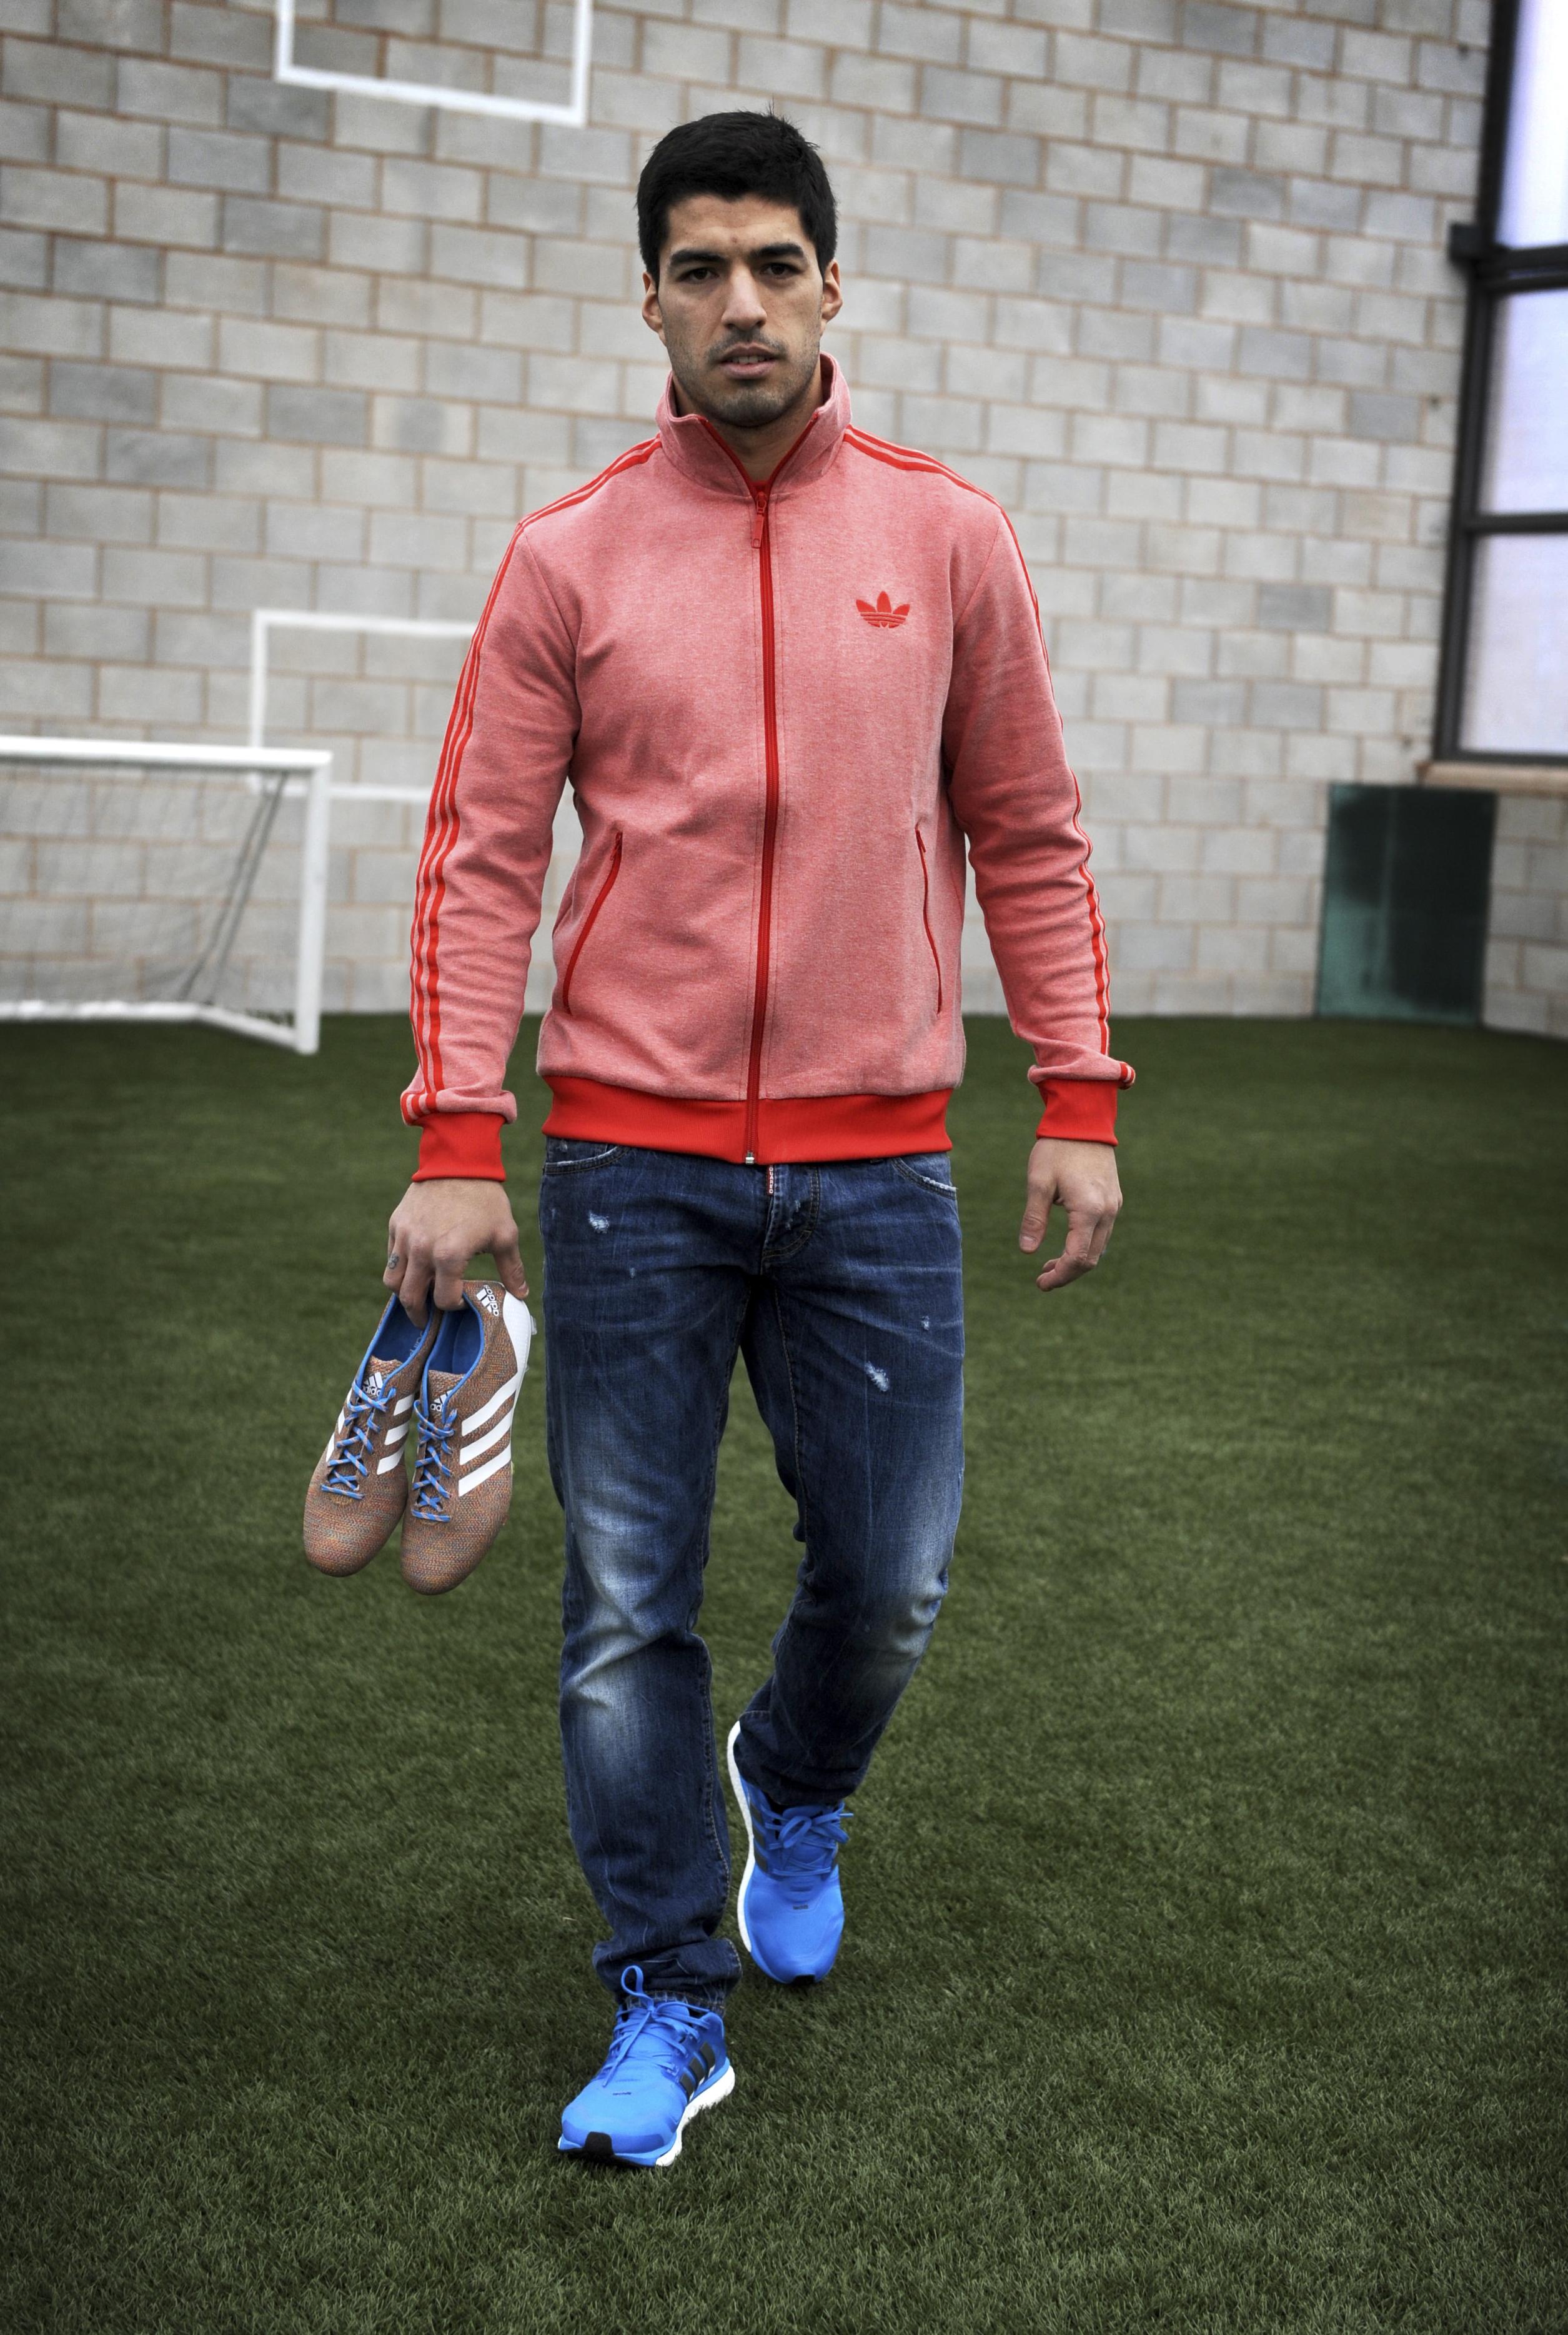 adidas Samba Primeknit - Luis Suarez 1